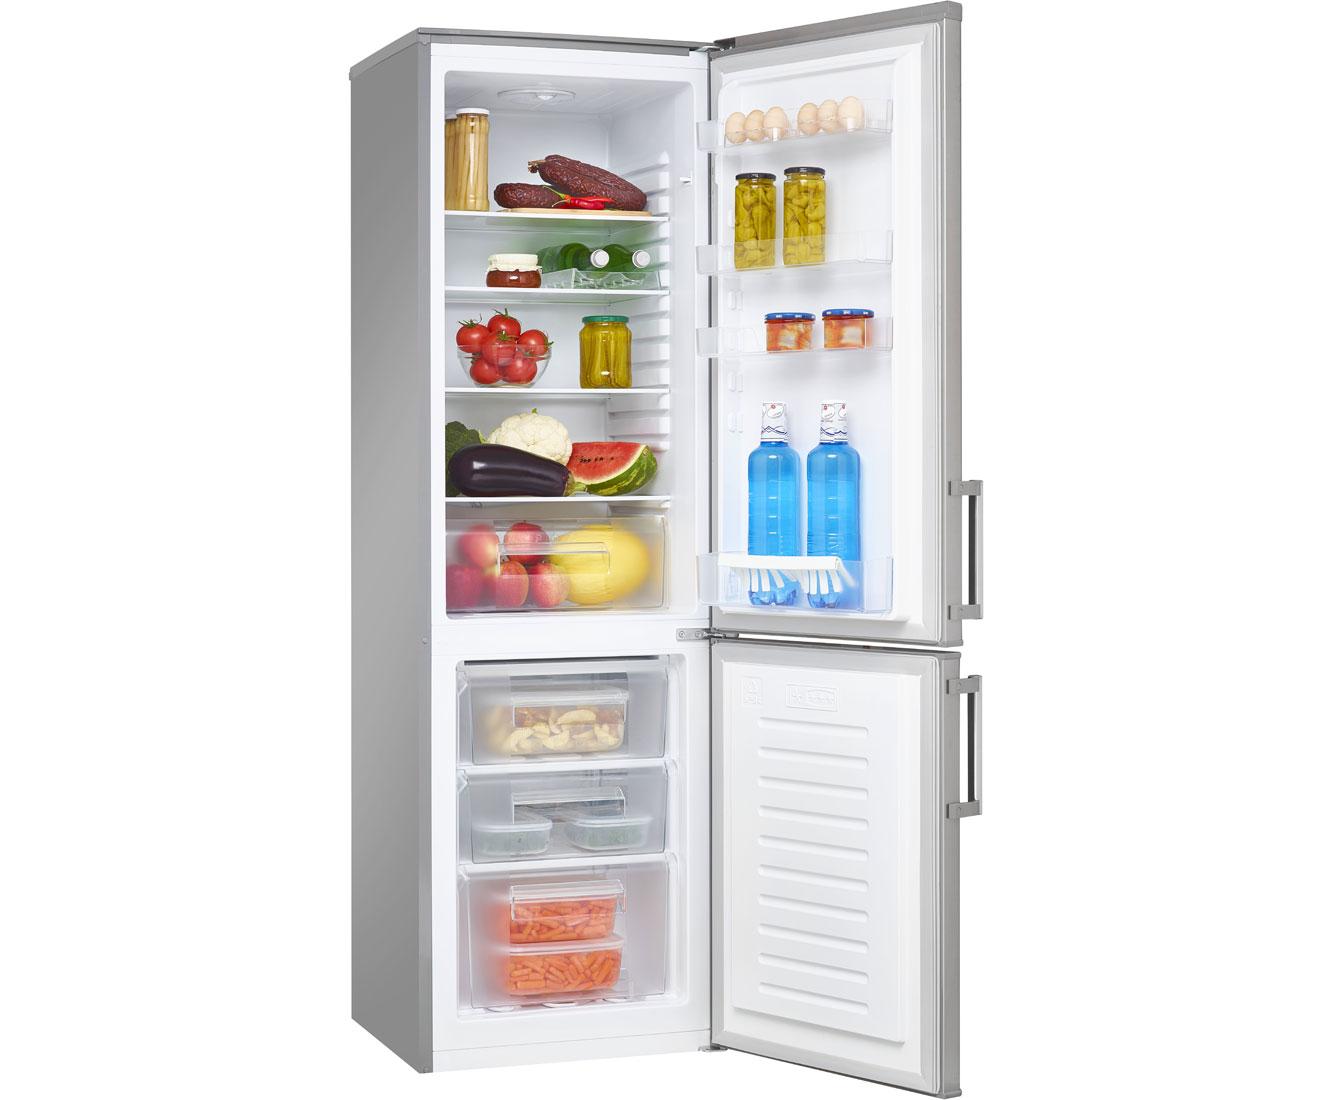 Amica Kühlschrank Marke : Amica kgc e kühl gefrierkombination edelstahl optik a